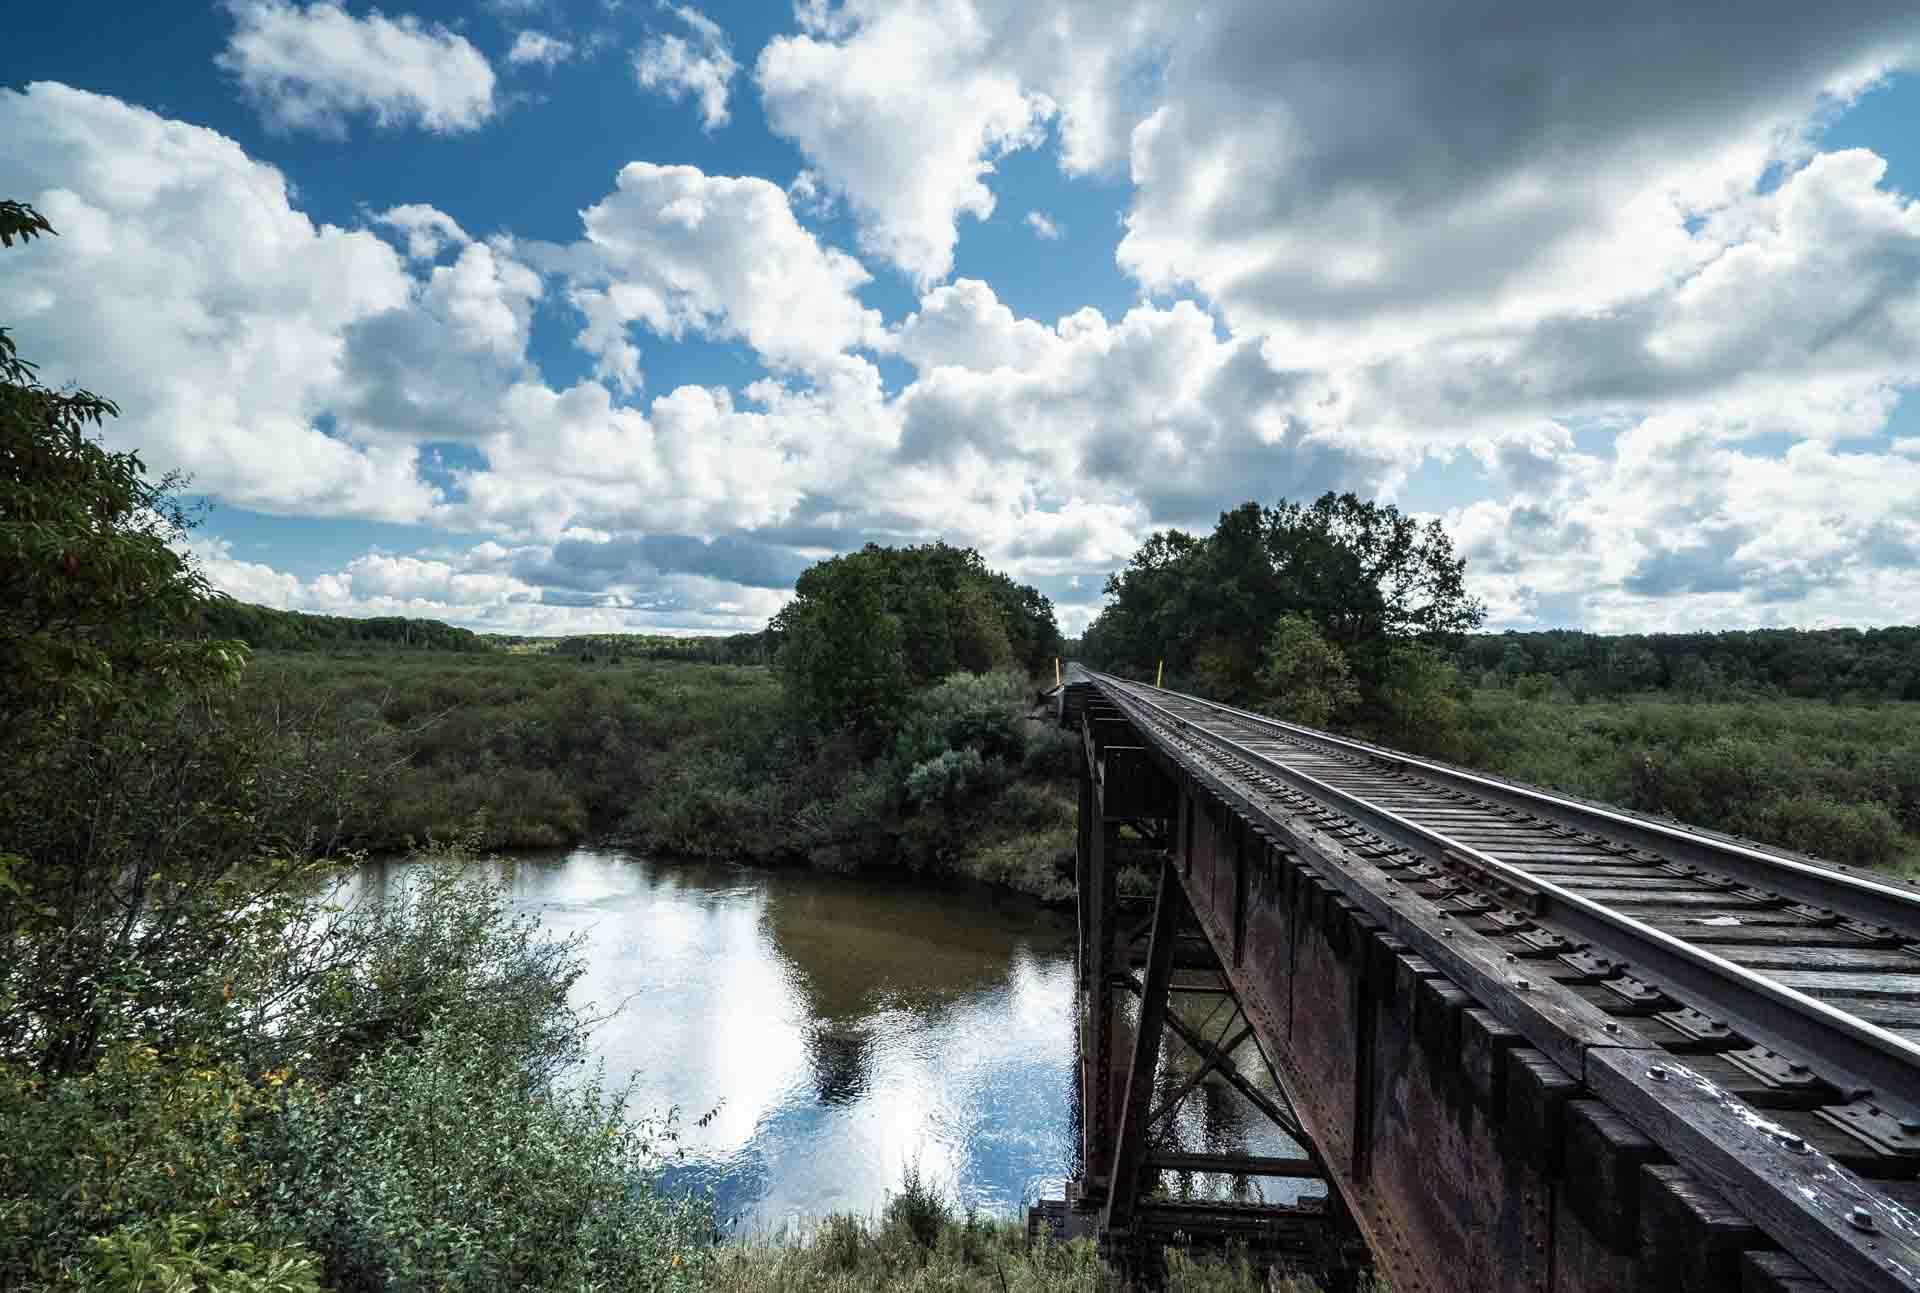 Stronach Rail Bridge